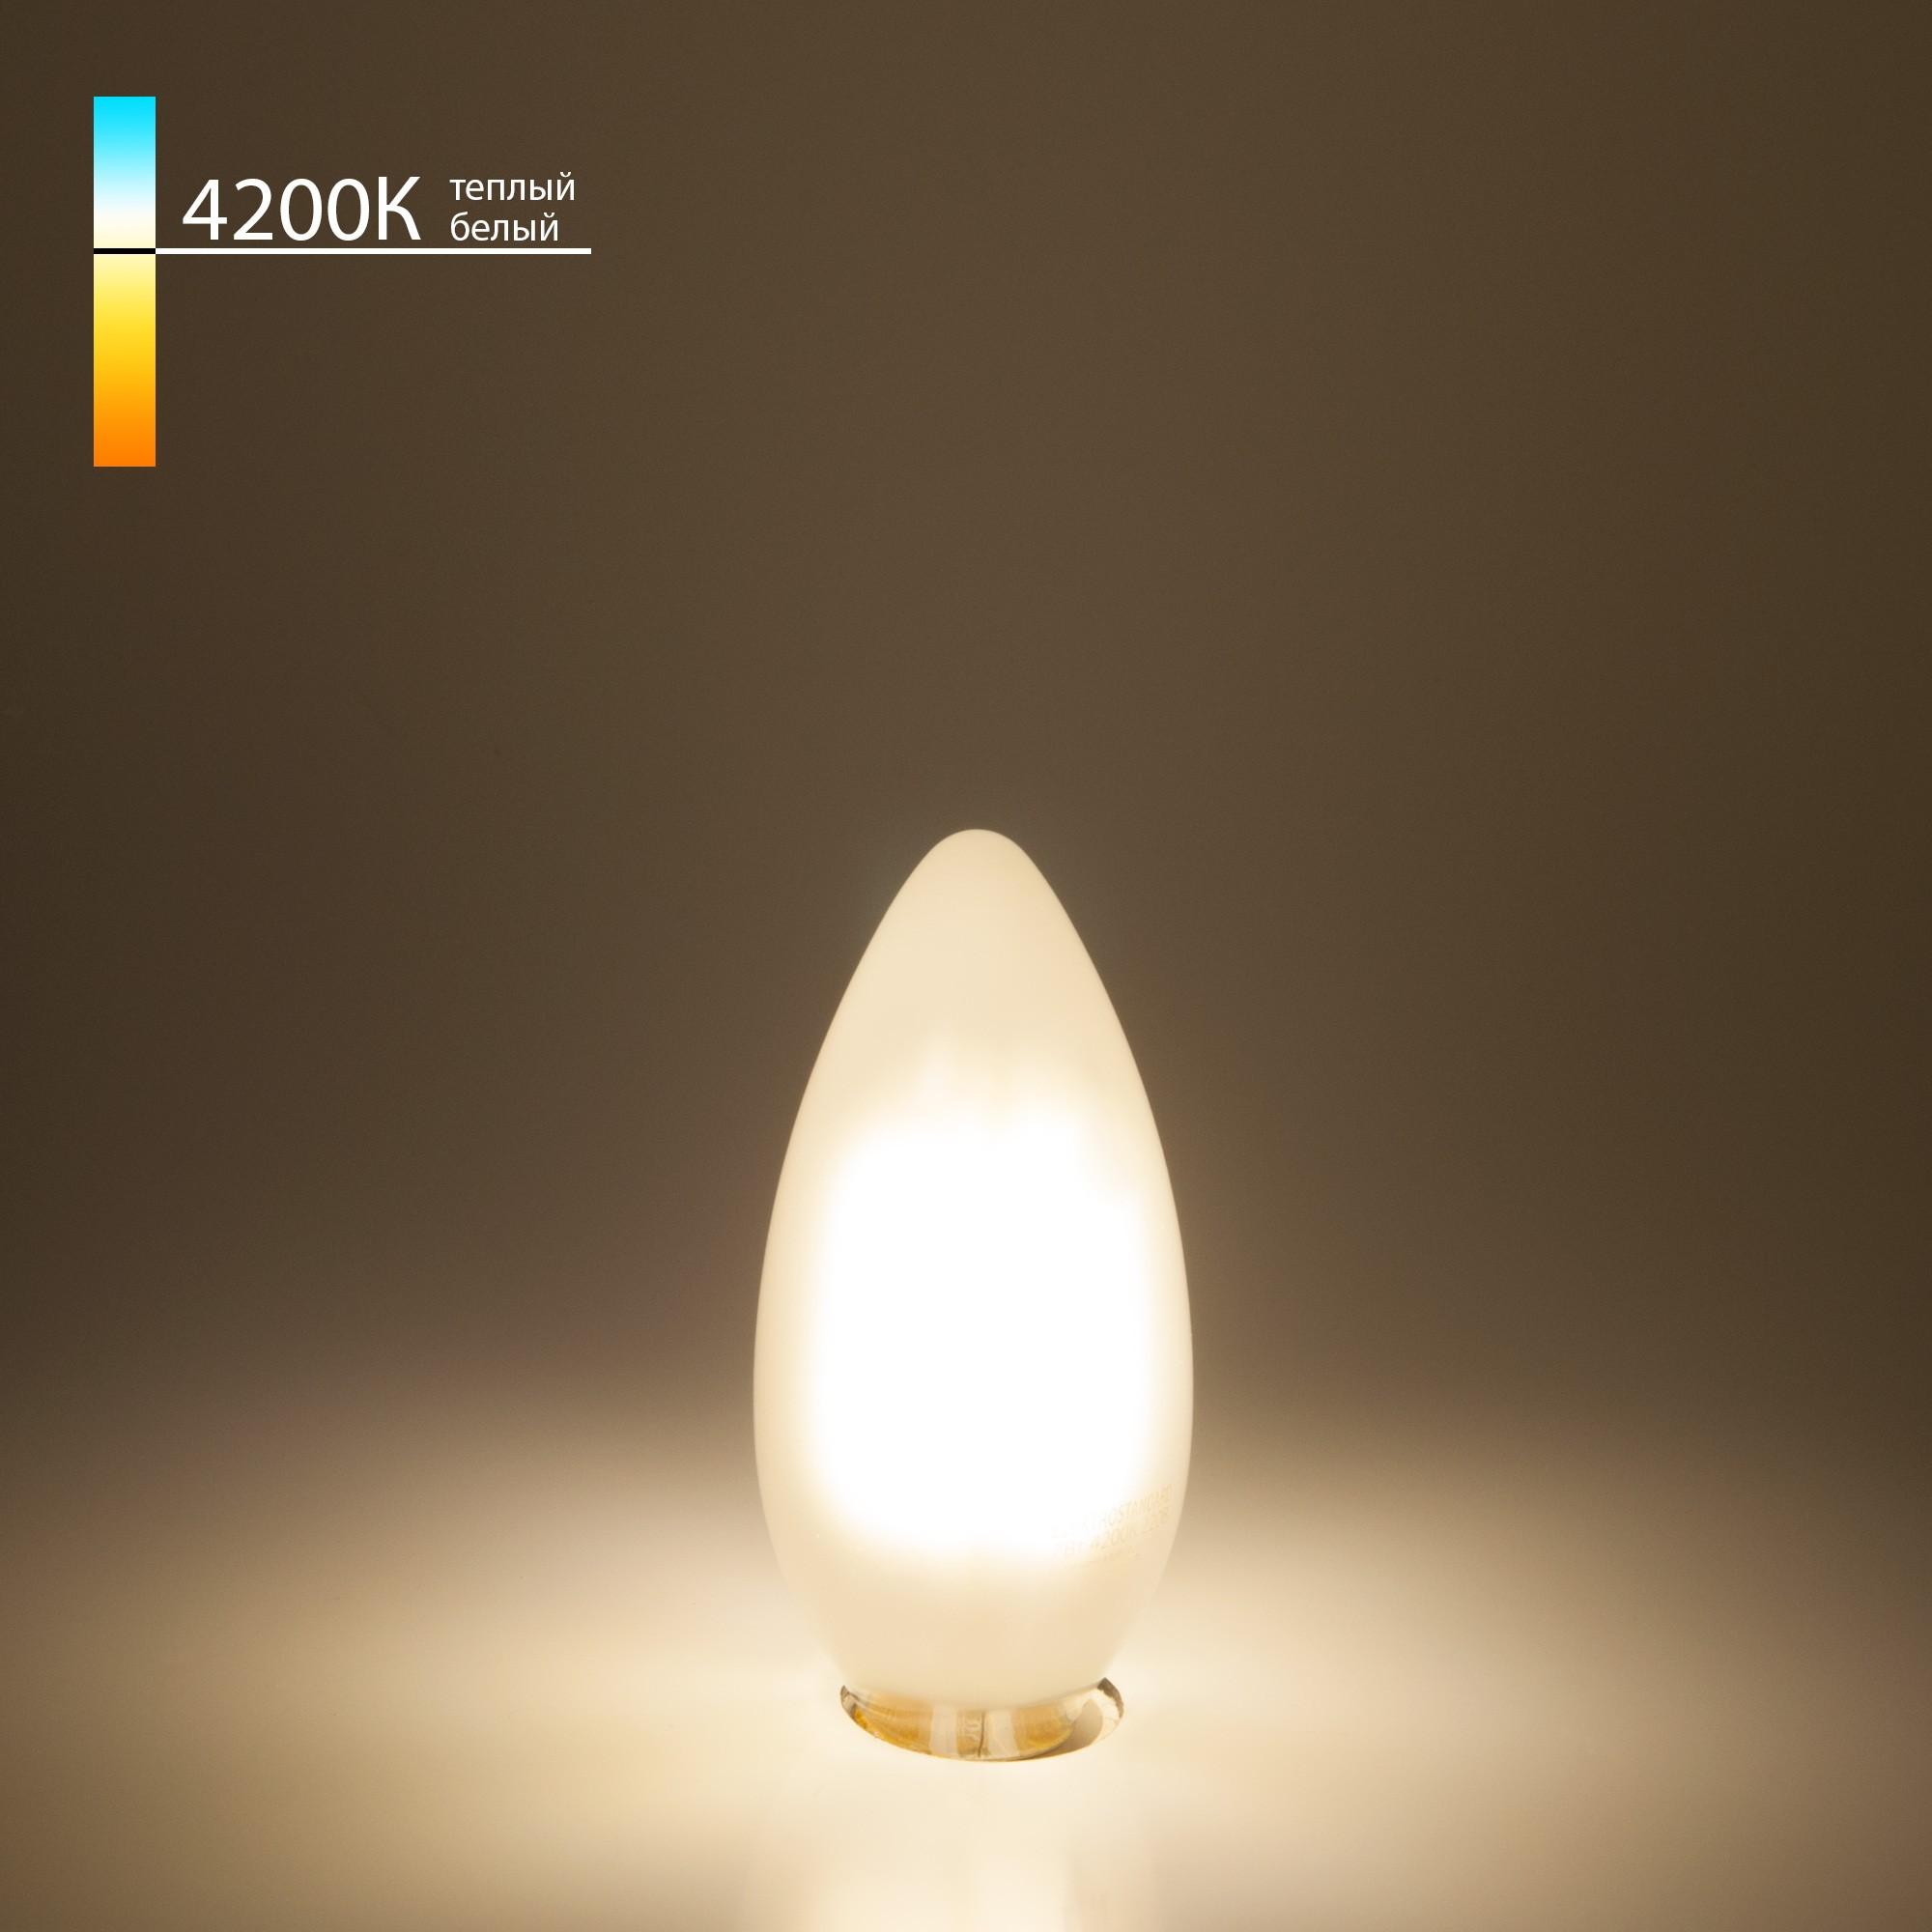 Свеча BLE1427 9W 4200K E14 (C35 белый матовый)